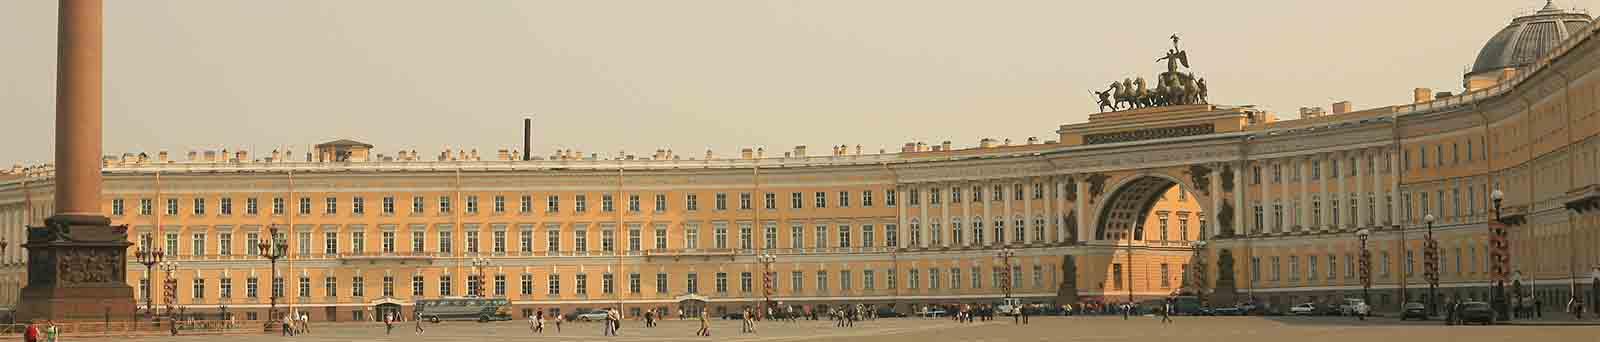 http://russia.taplowgroup.comAlexander Column